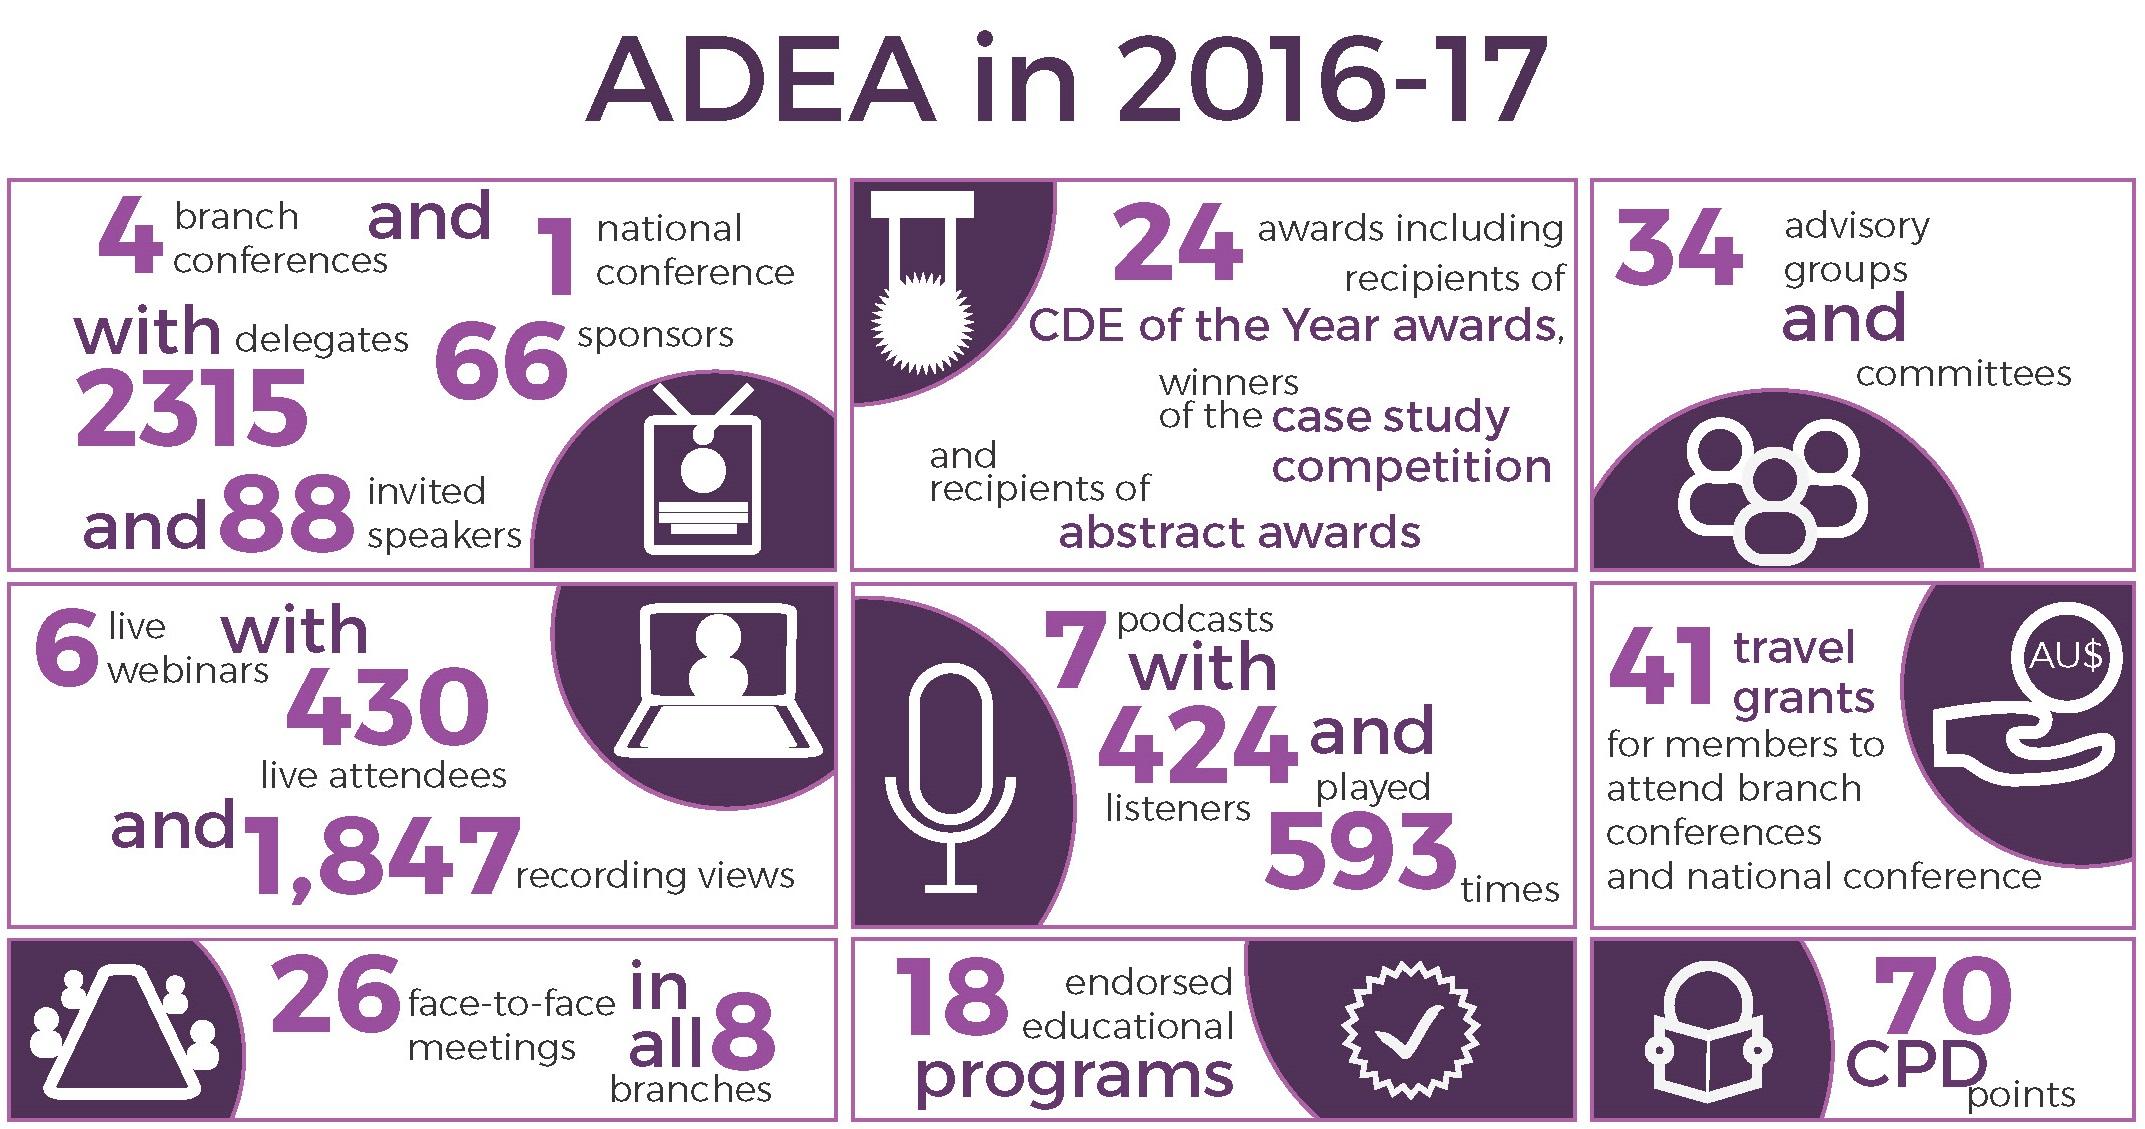 ADEA in 2016-17